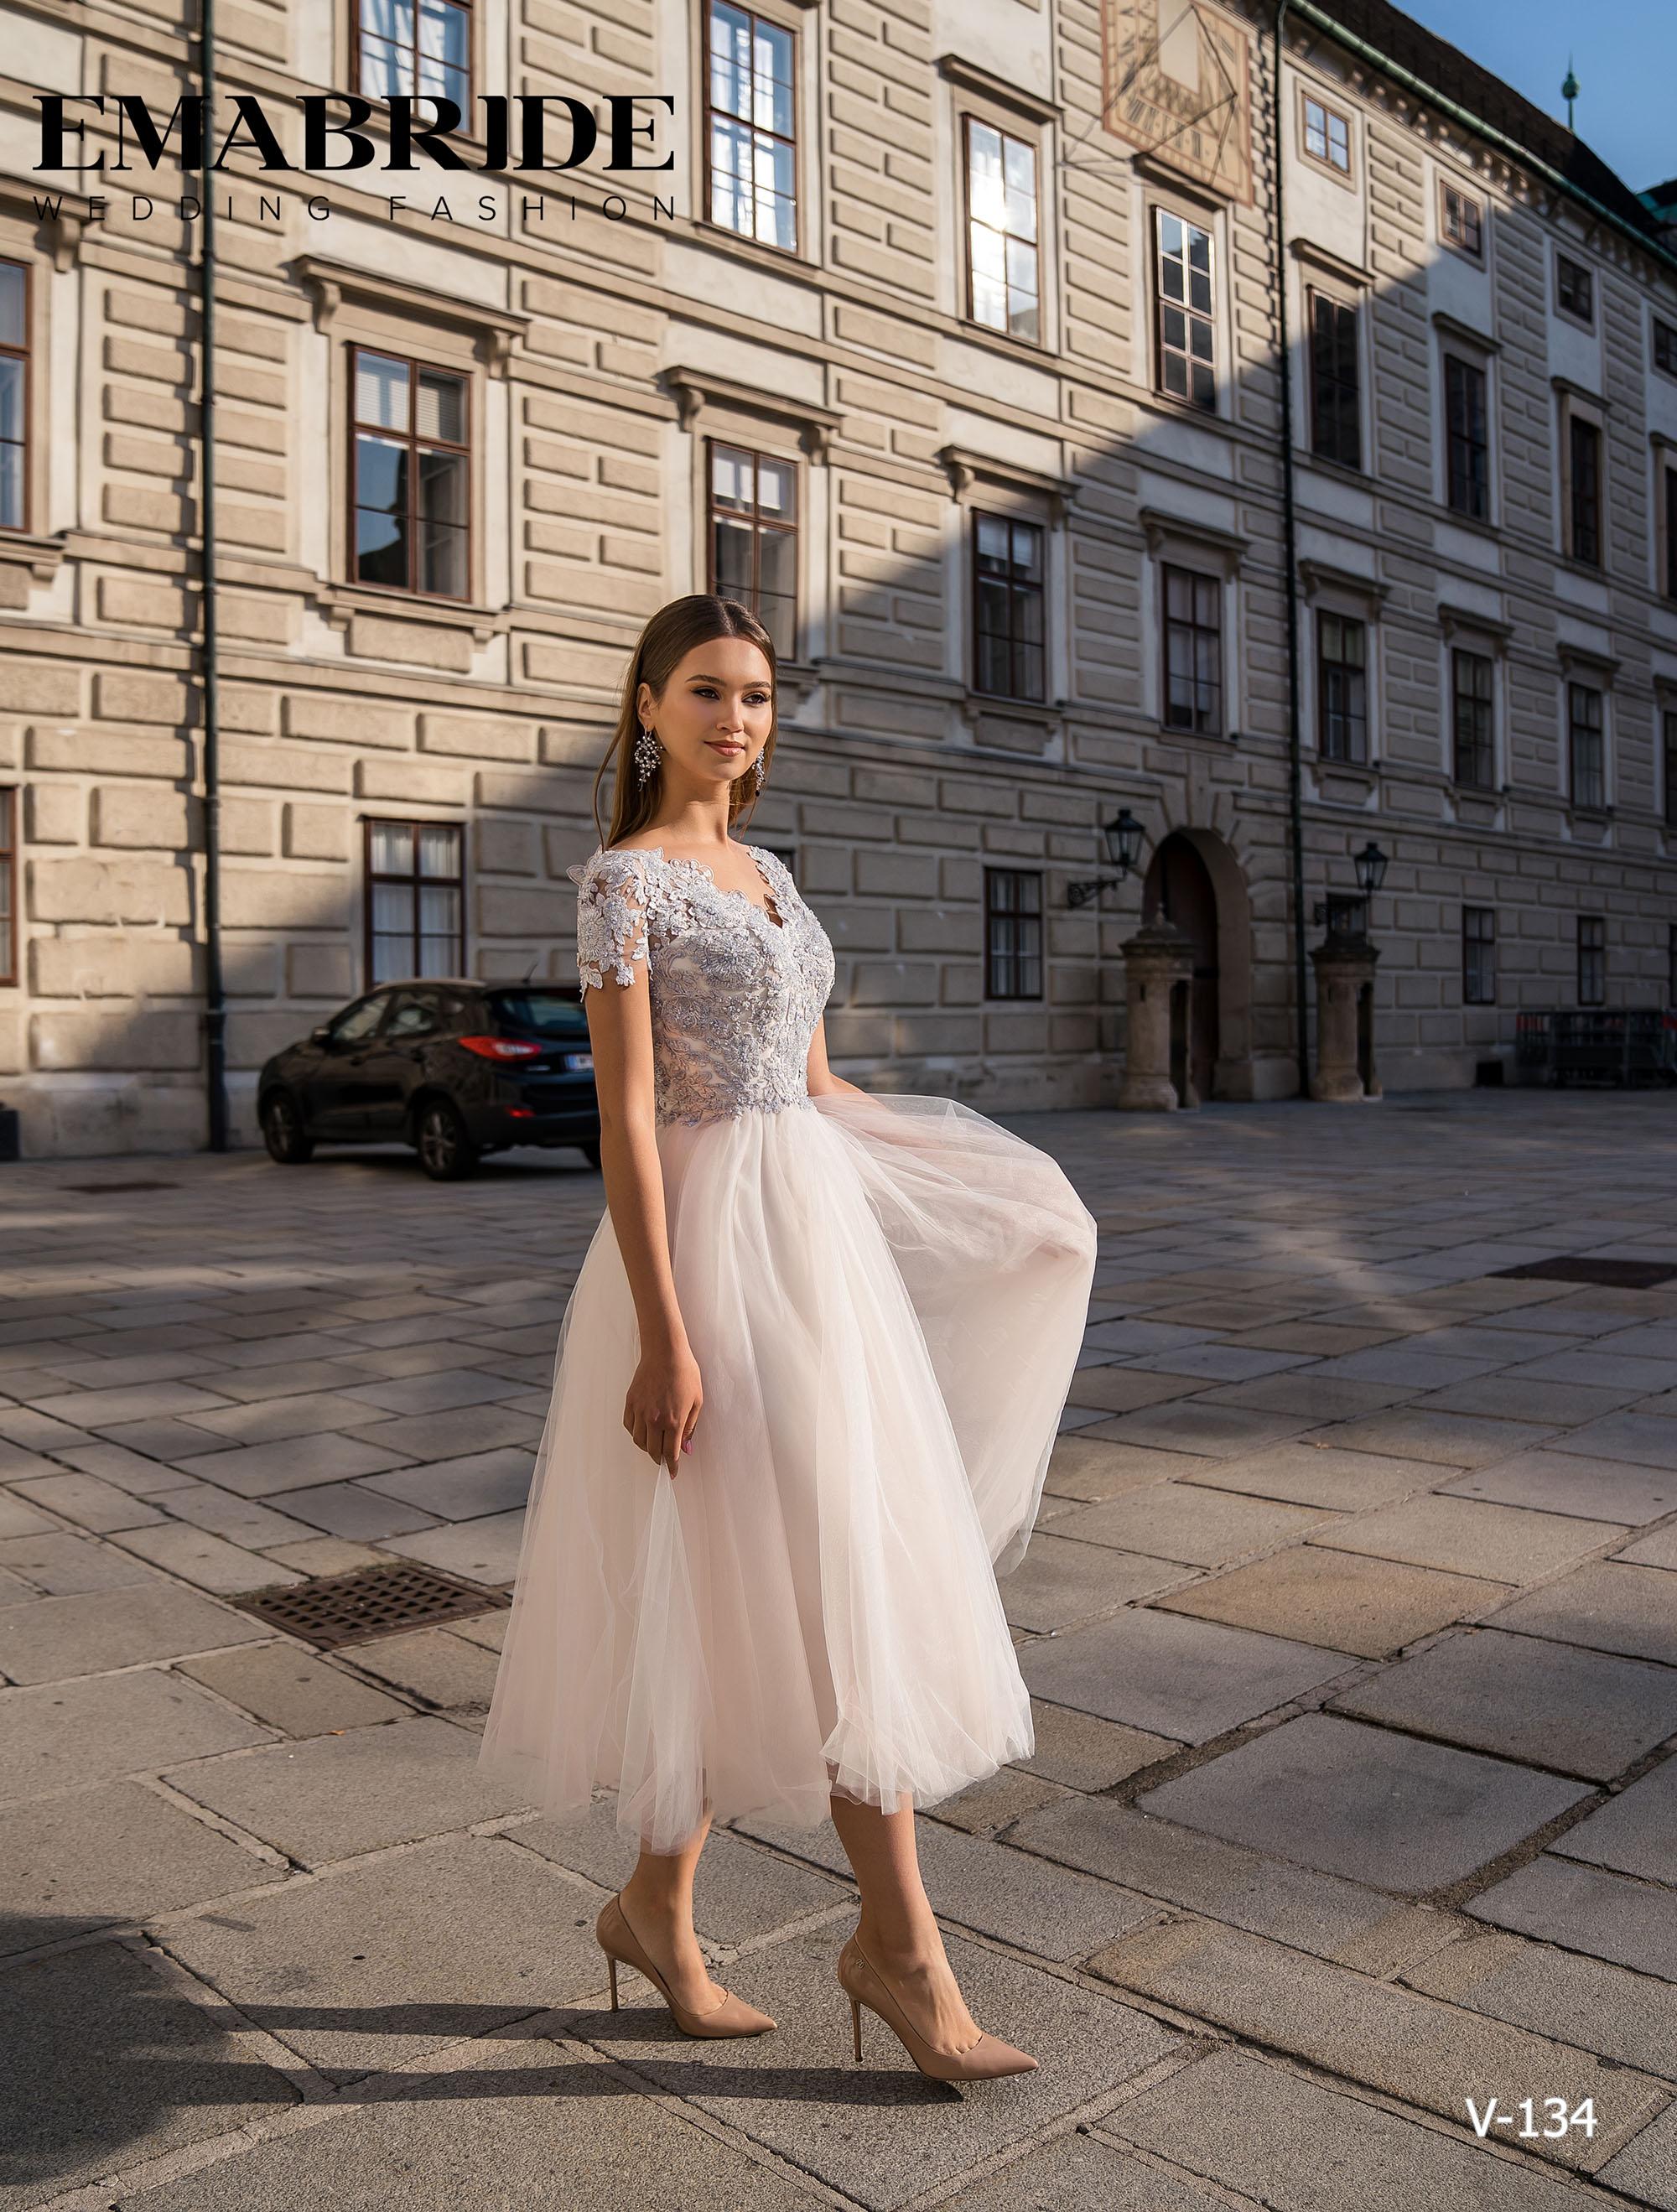 Model V-134 |  Buy evening dresses wholesale by the ukrainian manufacturer Emabride-3